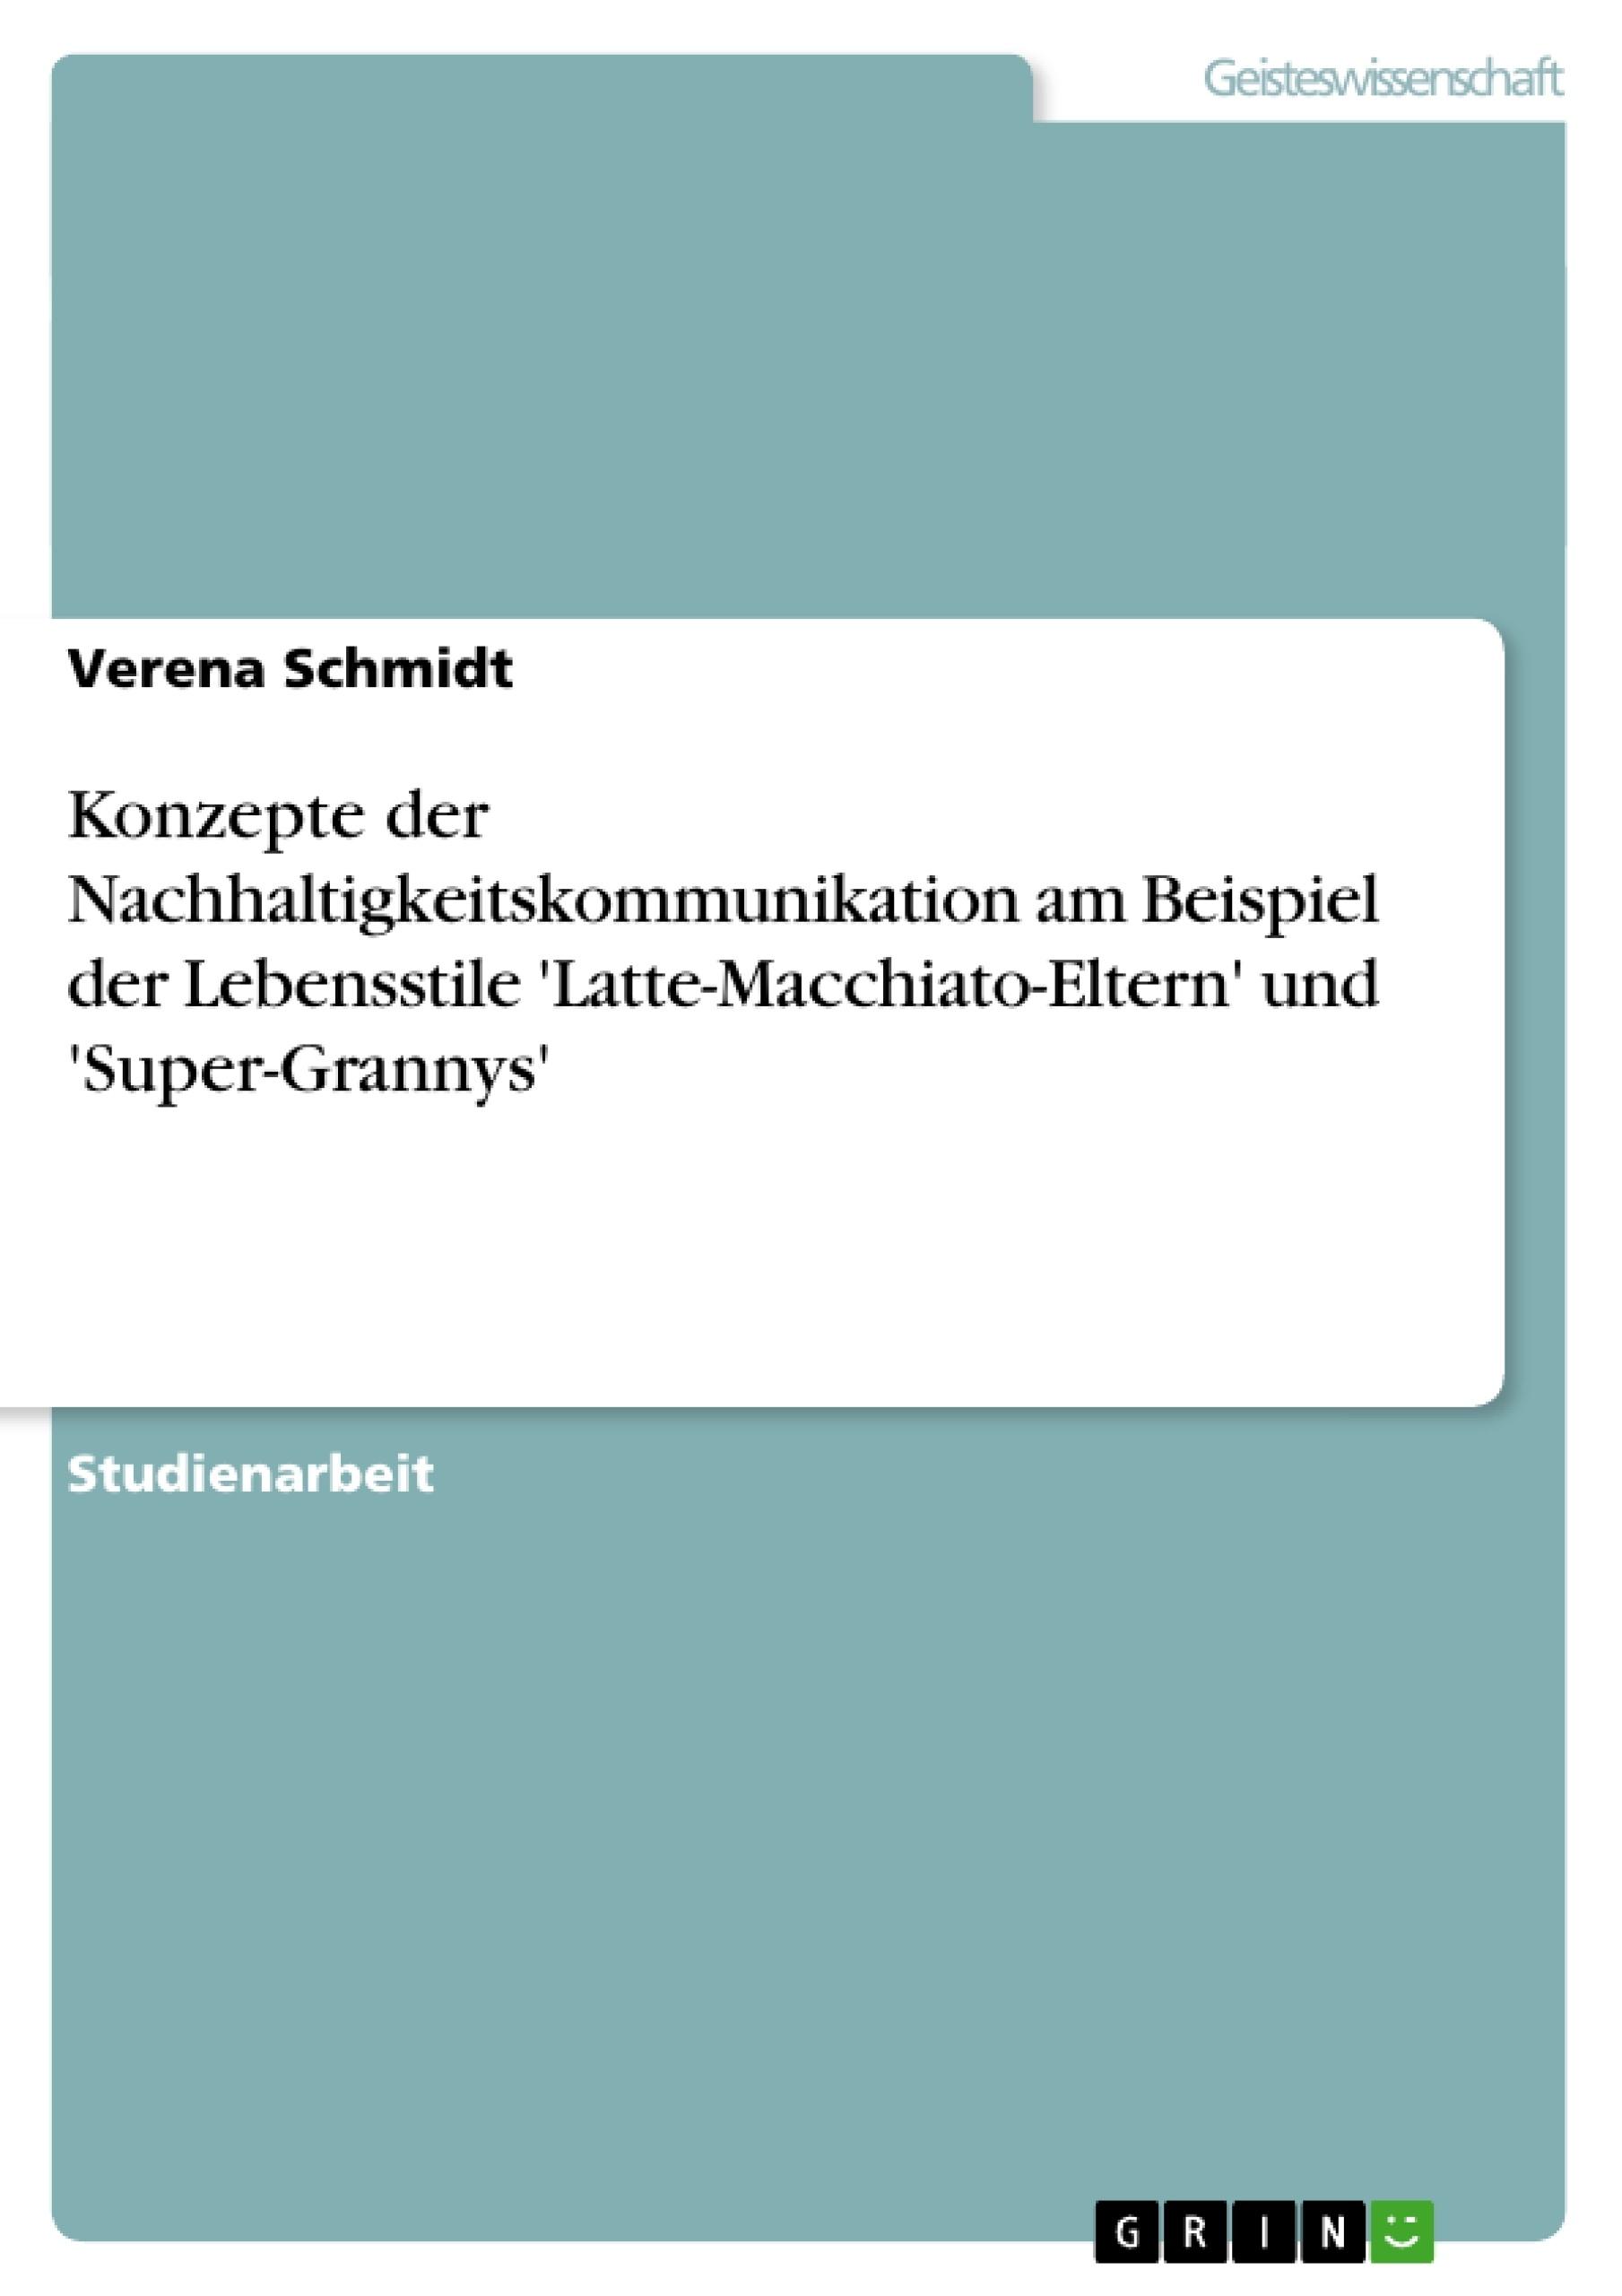 Titel: Konzepte der Nachhaltigkeitskommunikation am Beispiel der Lebensstile 'Latte-Macchiato-Eltern' und 'Super-Grannys'